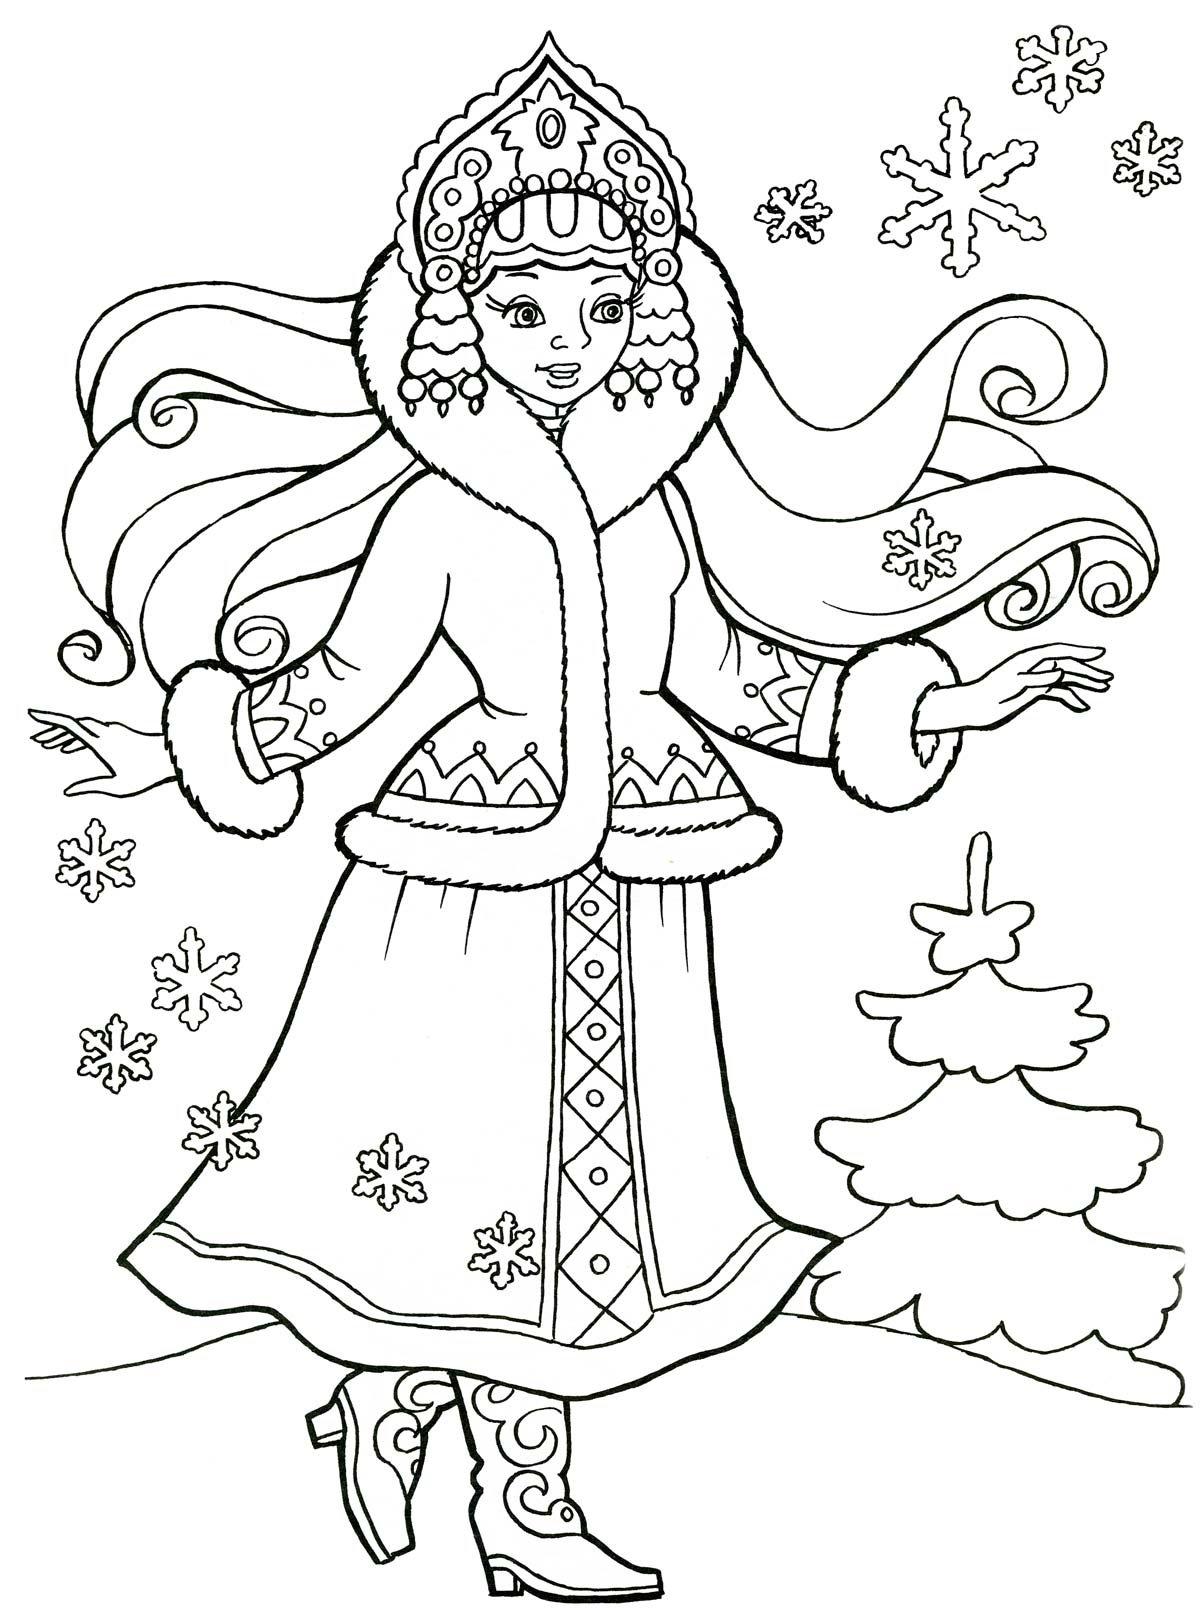 Картинки деда мороза и снегурочки для детей черно белые распечатать, для выписки роддома